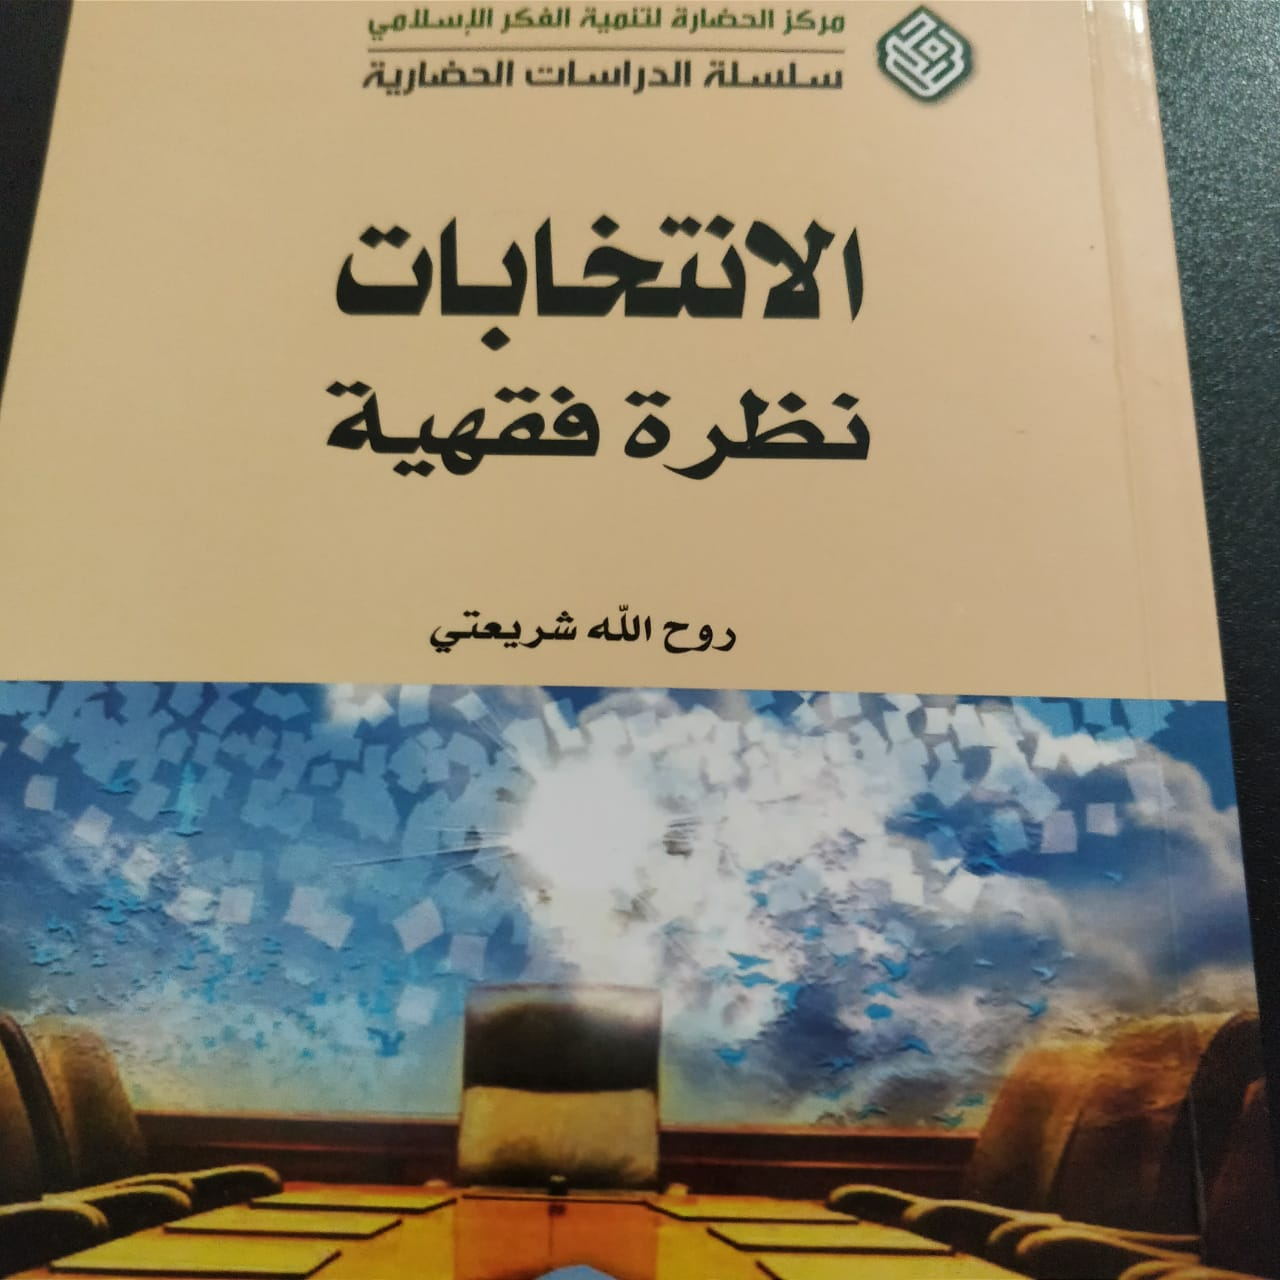 """كتاب جديد مركز الحضارة :""""الانتخابات : نظرة فقهية"""""""